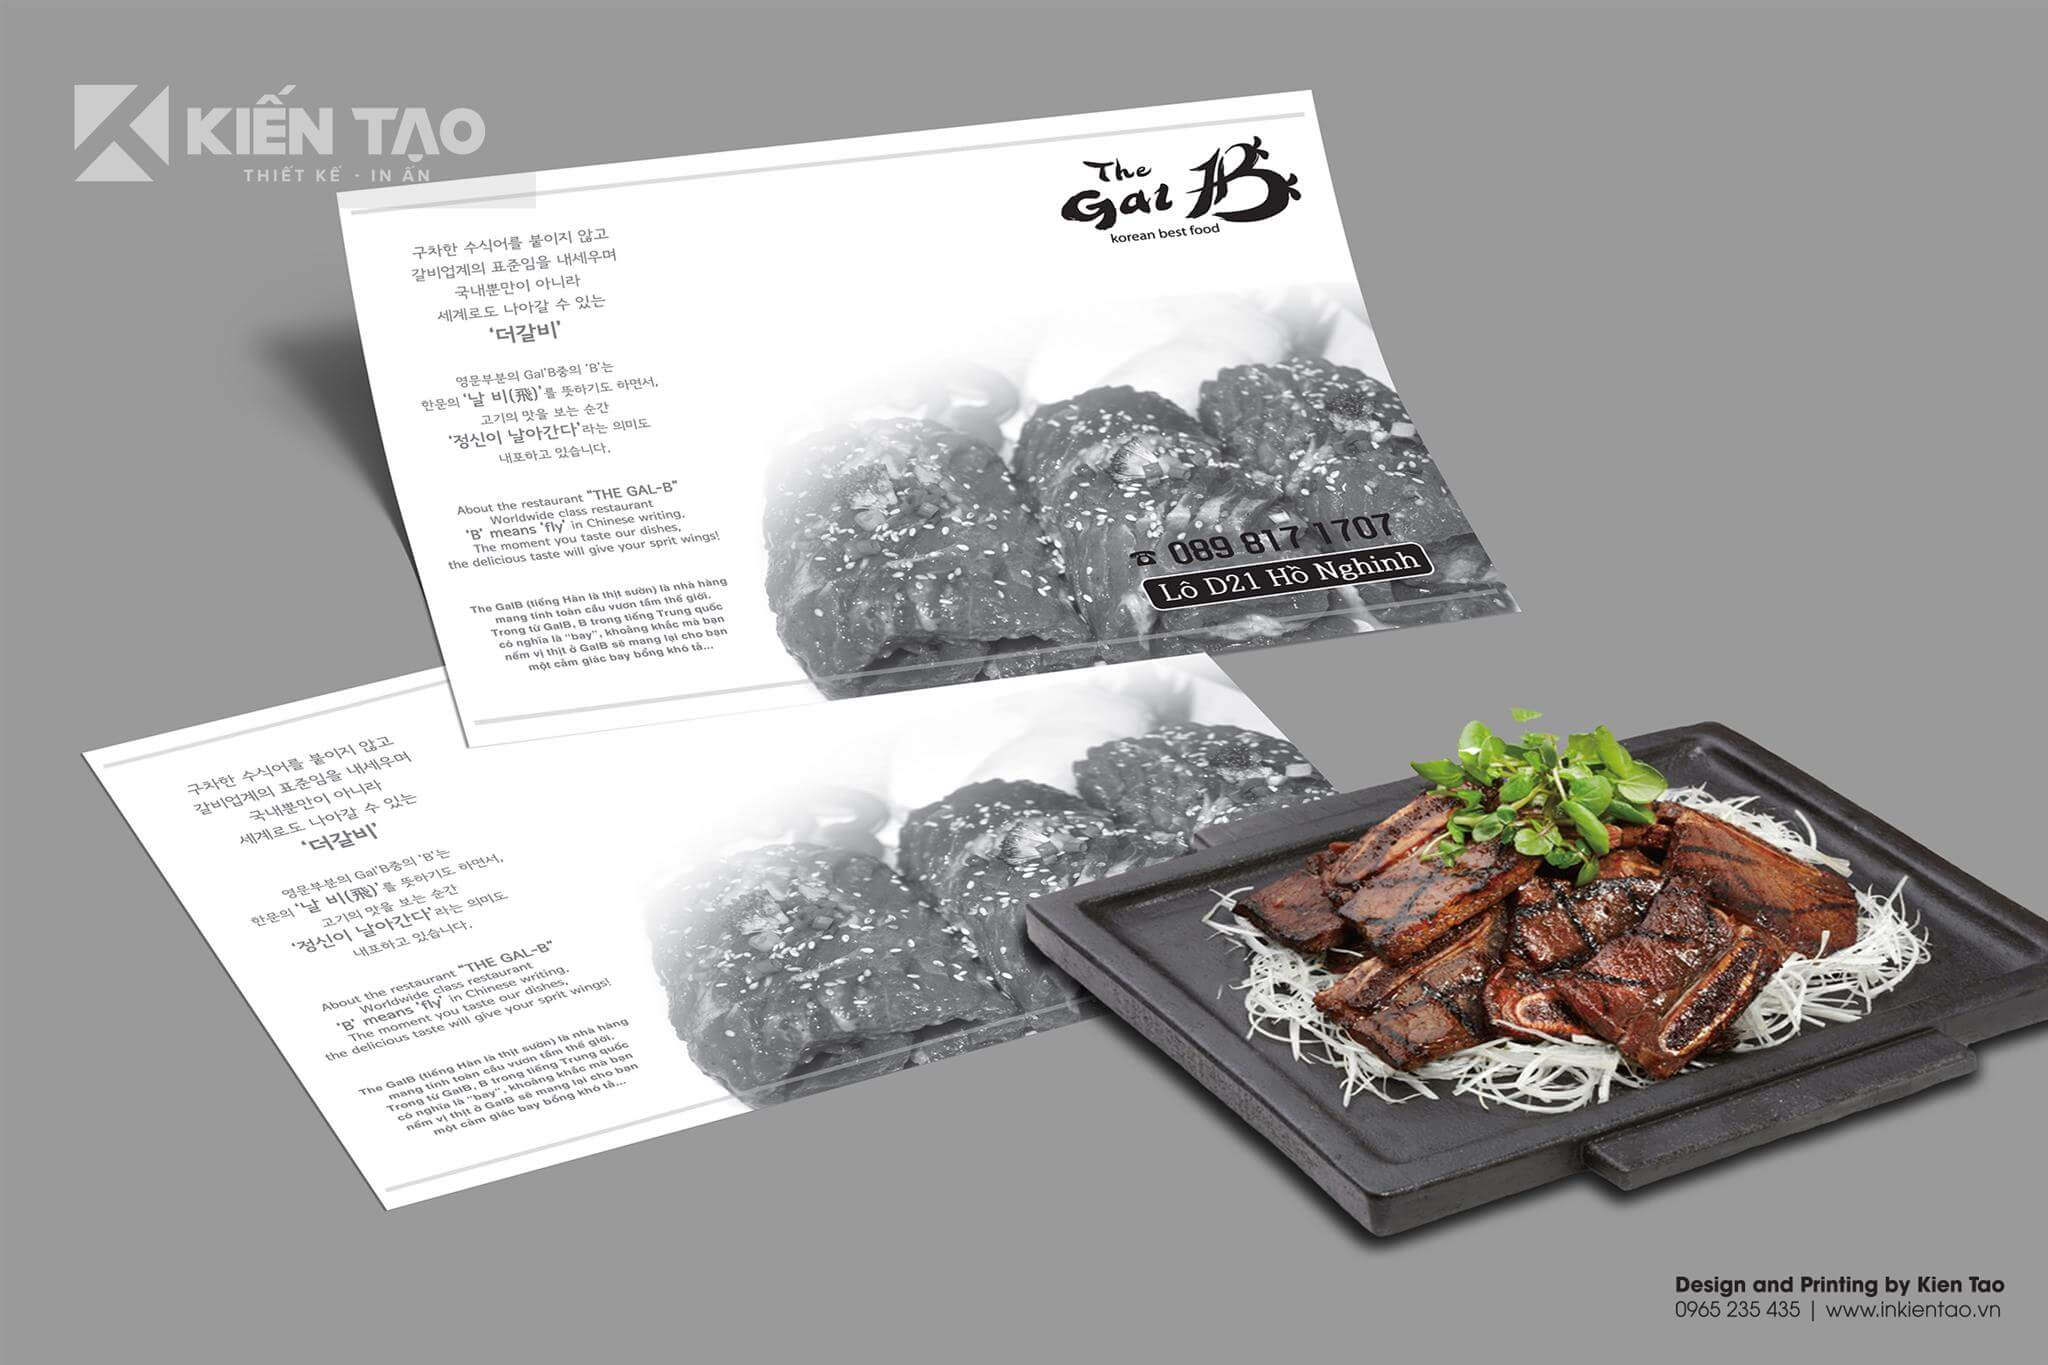 A - Bí mật sau sự thành công của các nhà hàng Hàn Quốc Tại Đà Nẵng